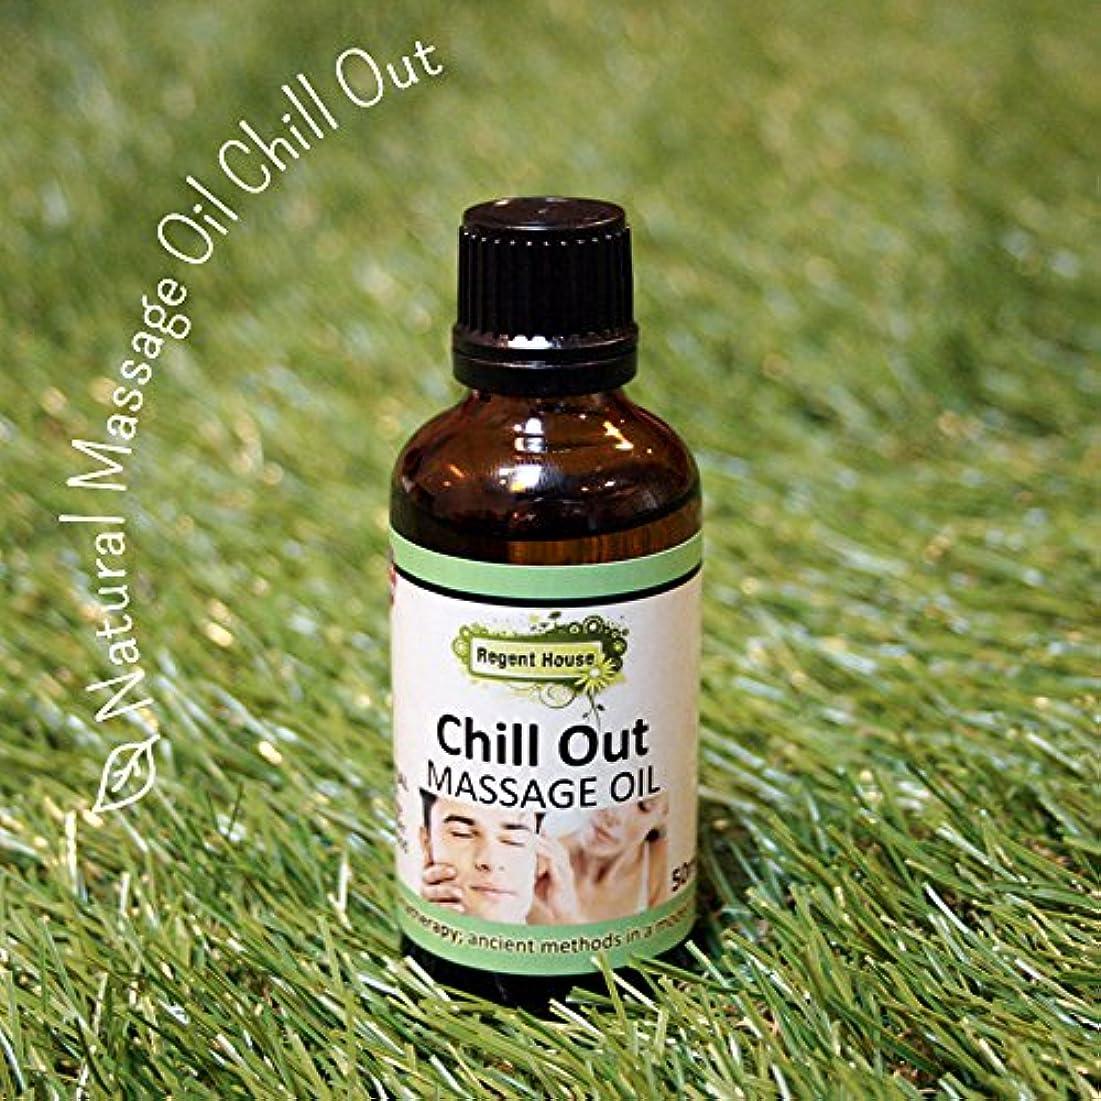 甘やかす許容ハンディキャップ貴重なローズウッドを、たっぷり配合しました。 アロマ ナチュラル マッサージオイル 50ml チルアウト(Aroma Massage Oil Chill Out)